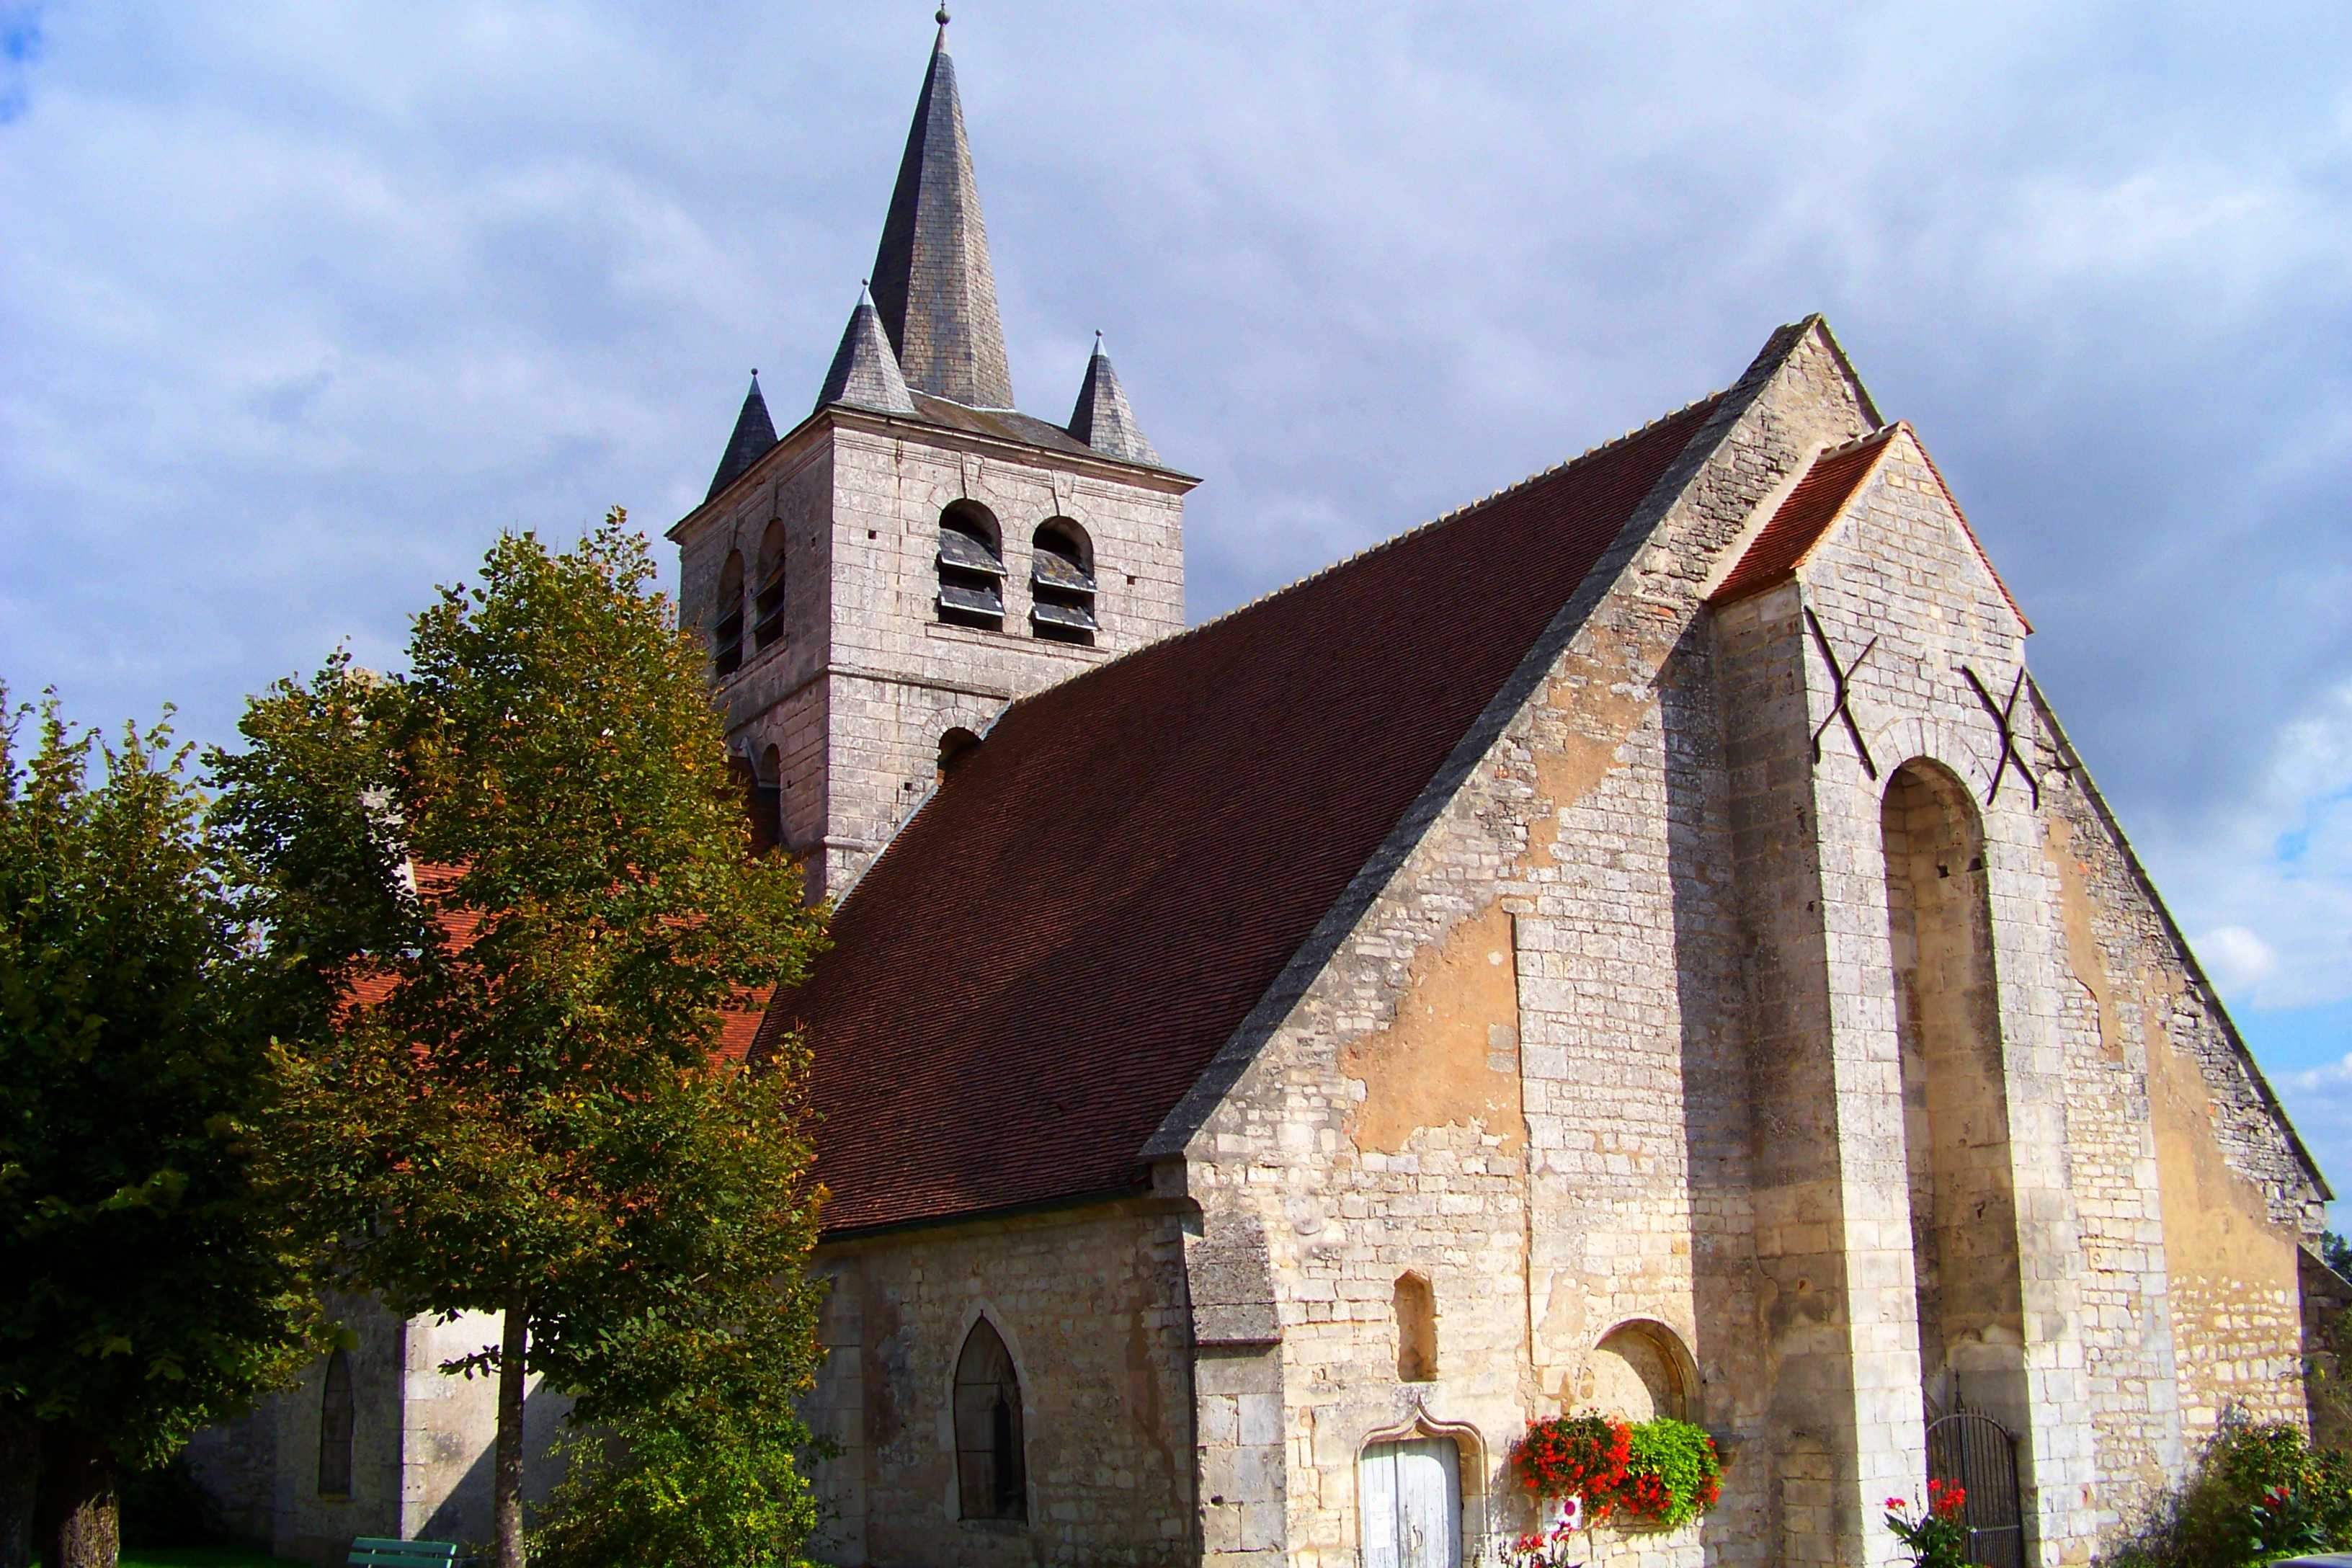 Saint-Cyr-les-Colons